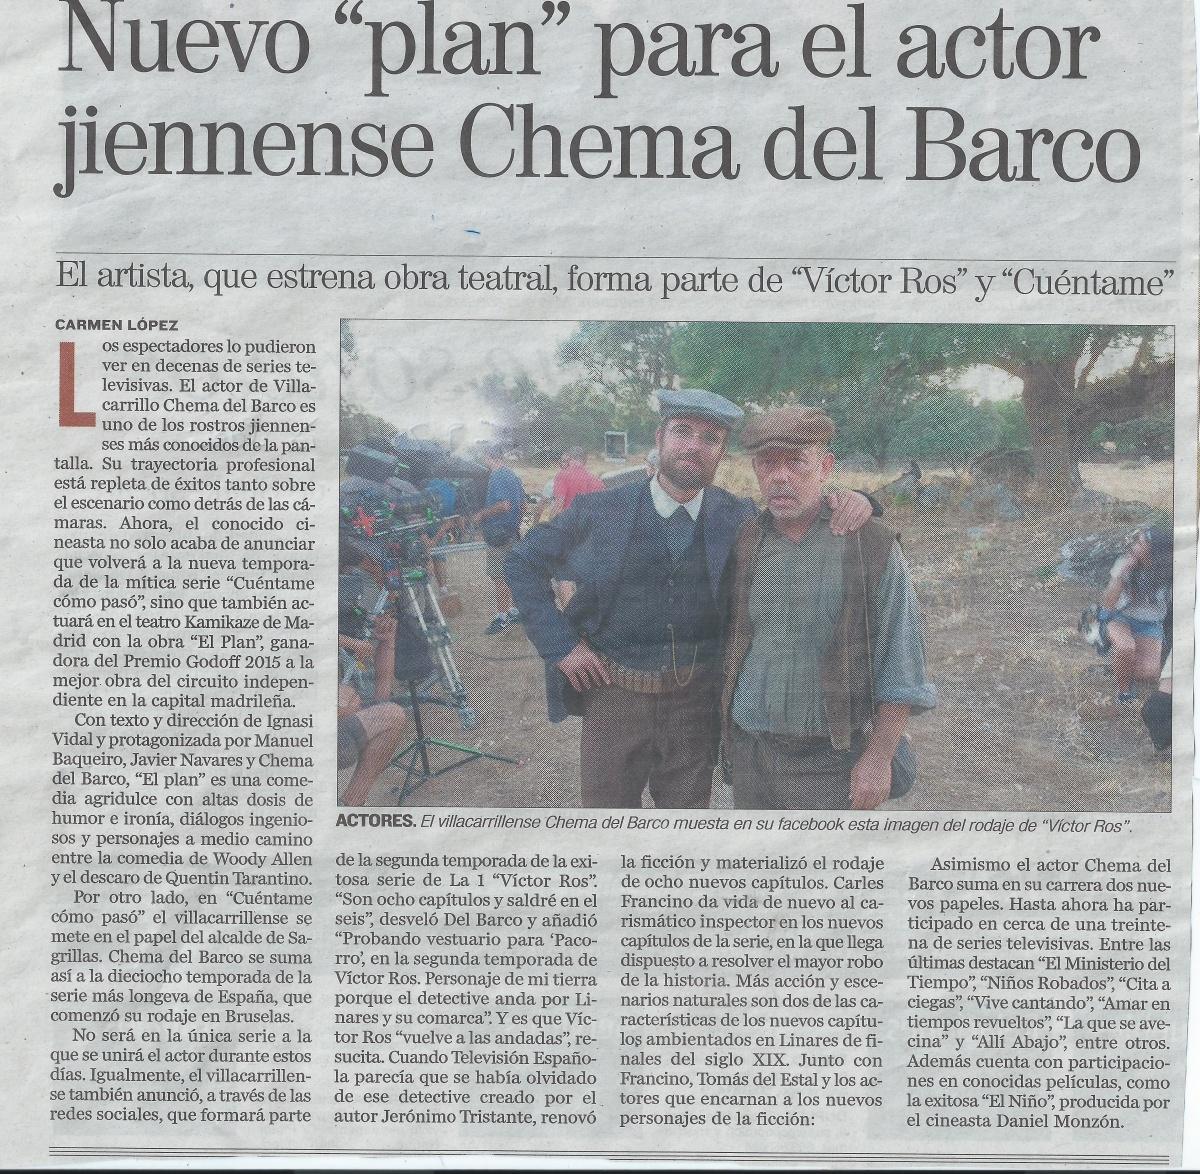 26-9-2019-diario-jaen%2c-nuevo-plan-para-el-acto-jienense-chema-d